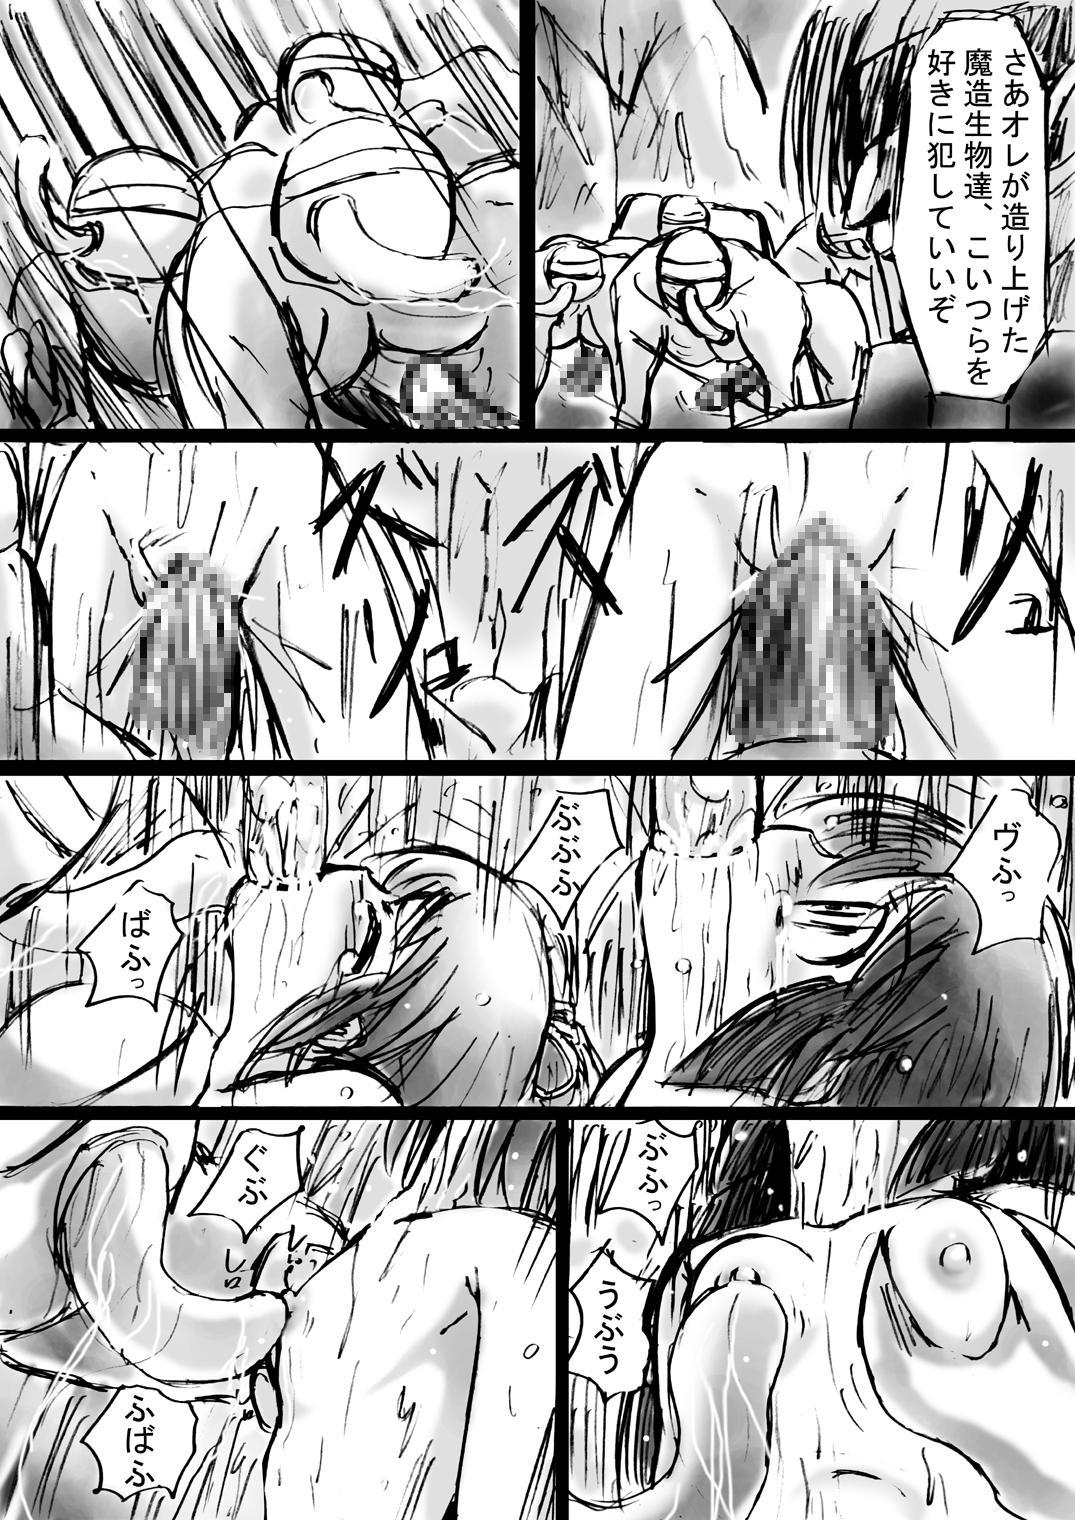 [Dende] Fushigi Sekai -Mystery World- Nonoha 5 ~Jokuma no Kyouniku no Tainai Shinshoku~ 42